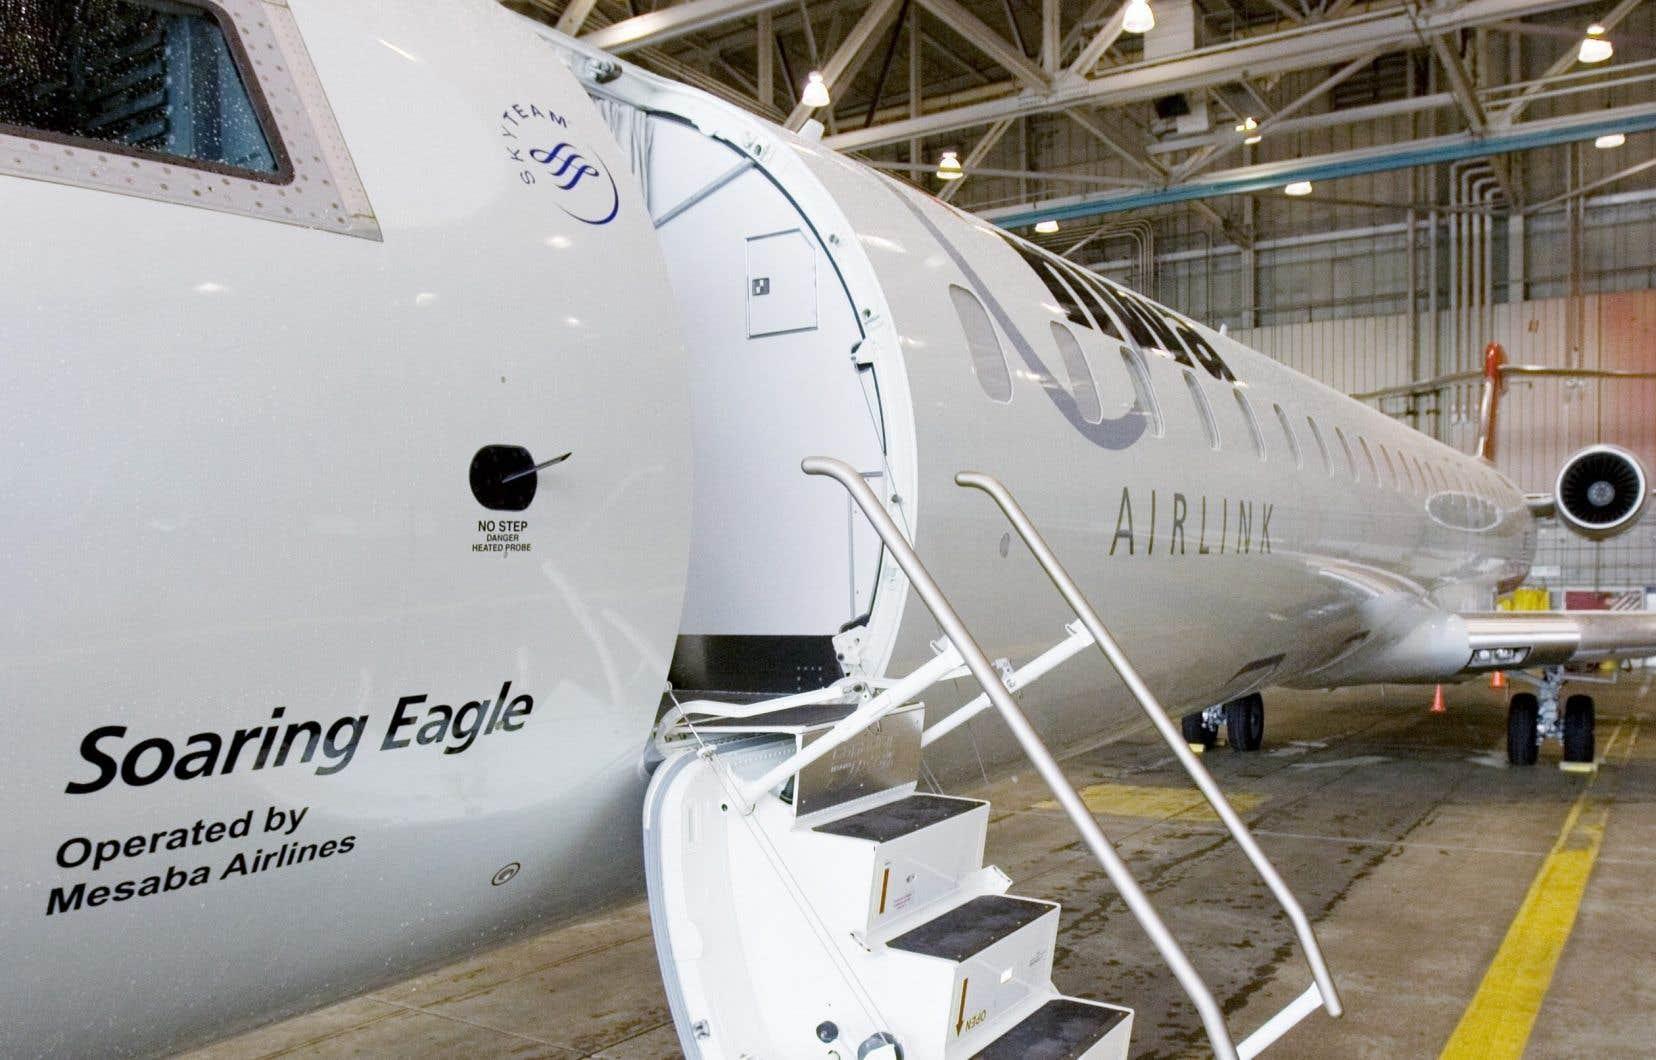 La cession du programme CRJ, qui n'est pas rentable depuis des années, marque le tout dernier virage du groupe montréalais pour sortir de l'aviation commerciale.